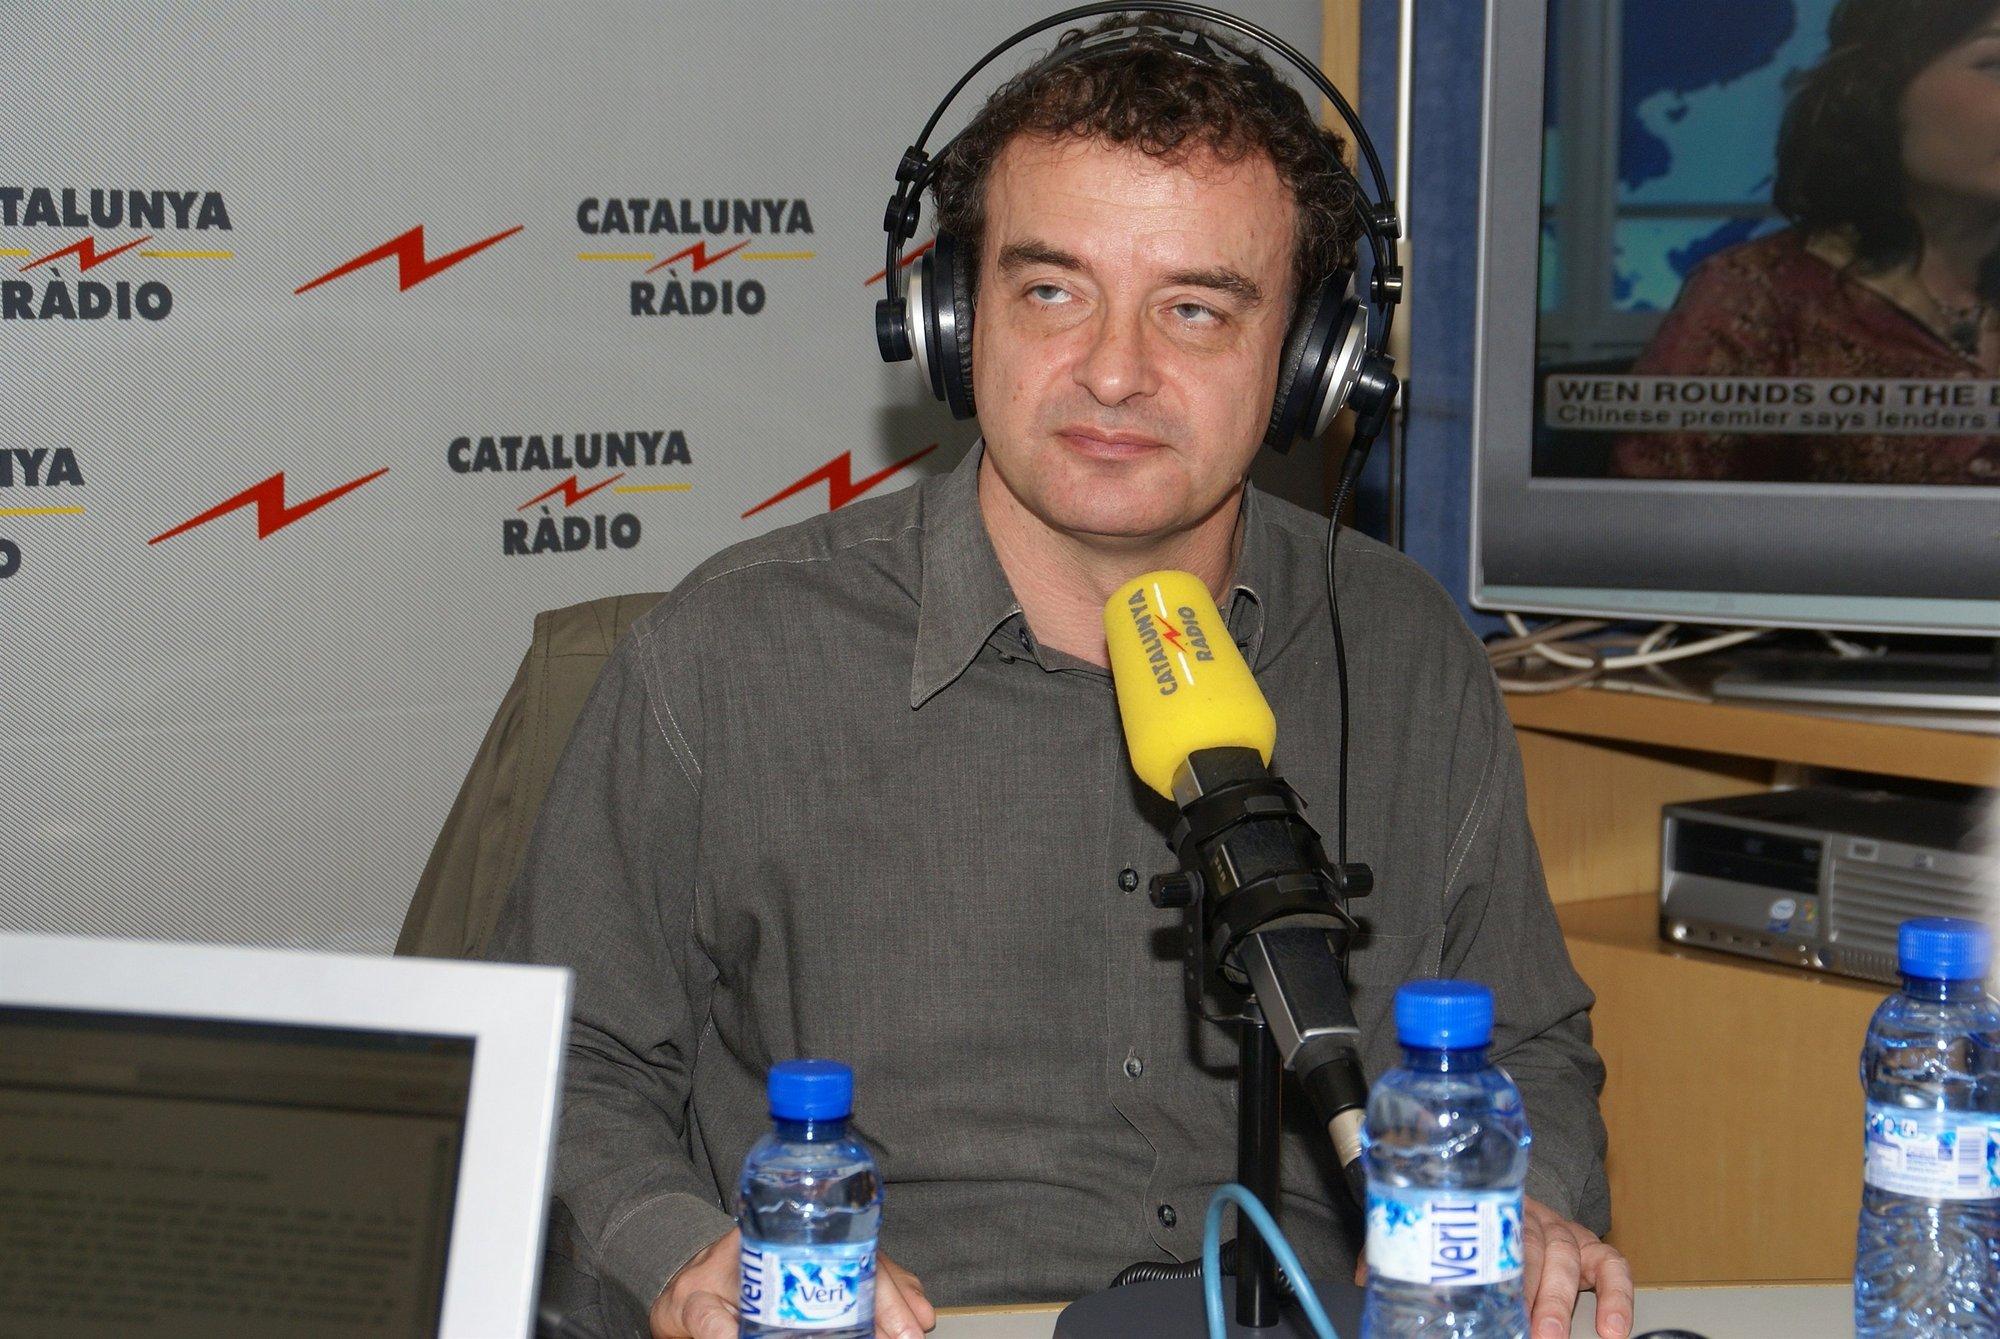 ERC pide a la Generalitat que lleve las cuentas a los tribunales si no cumplen con Cataluña